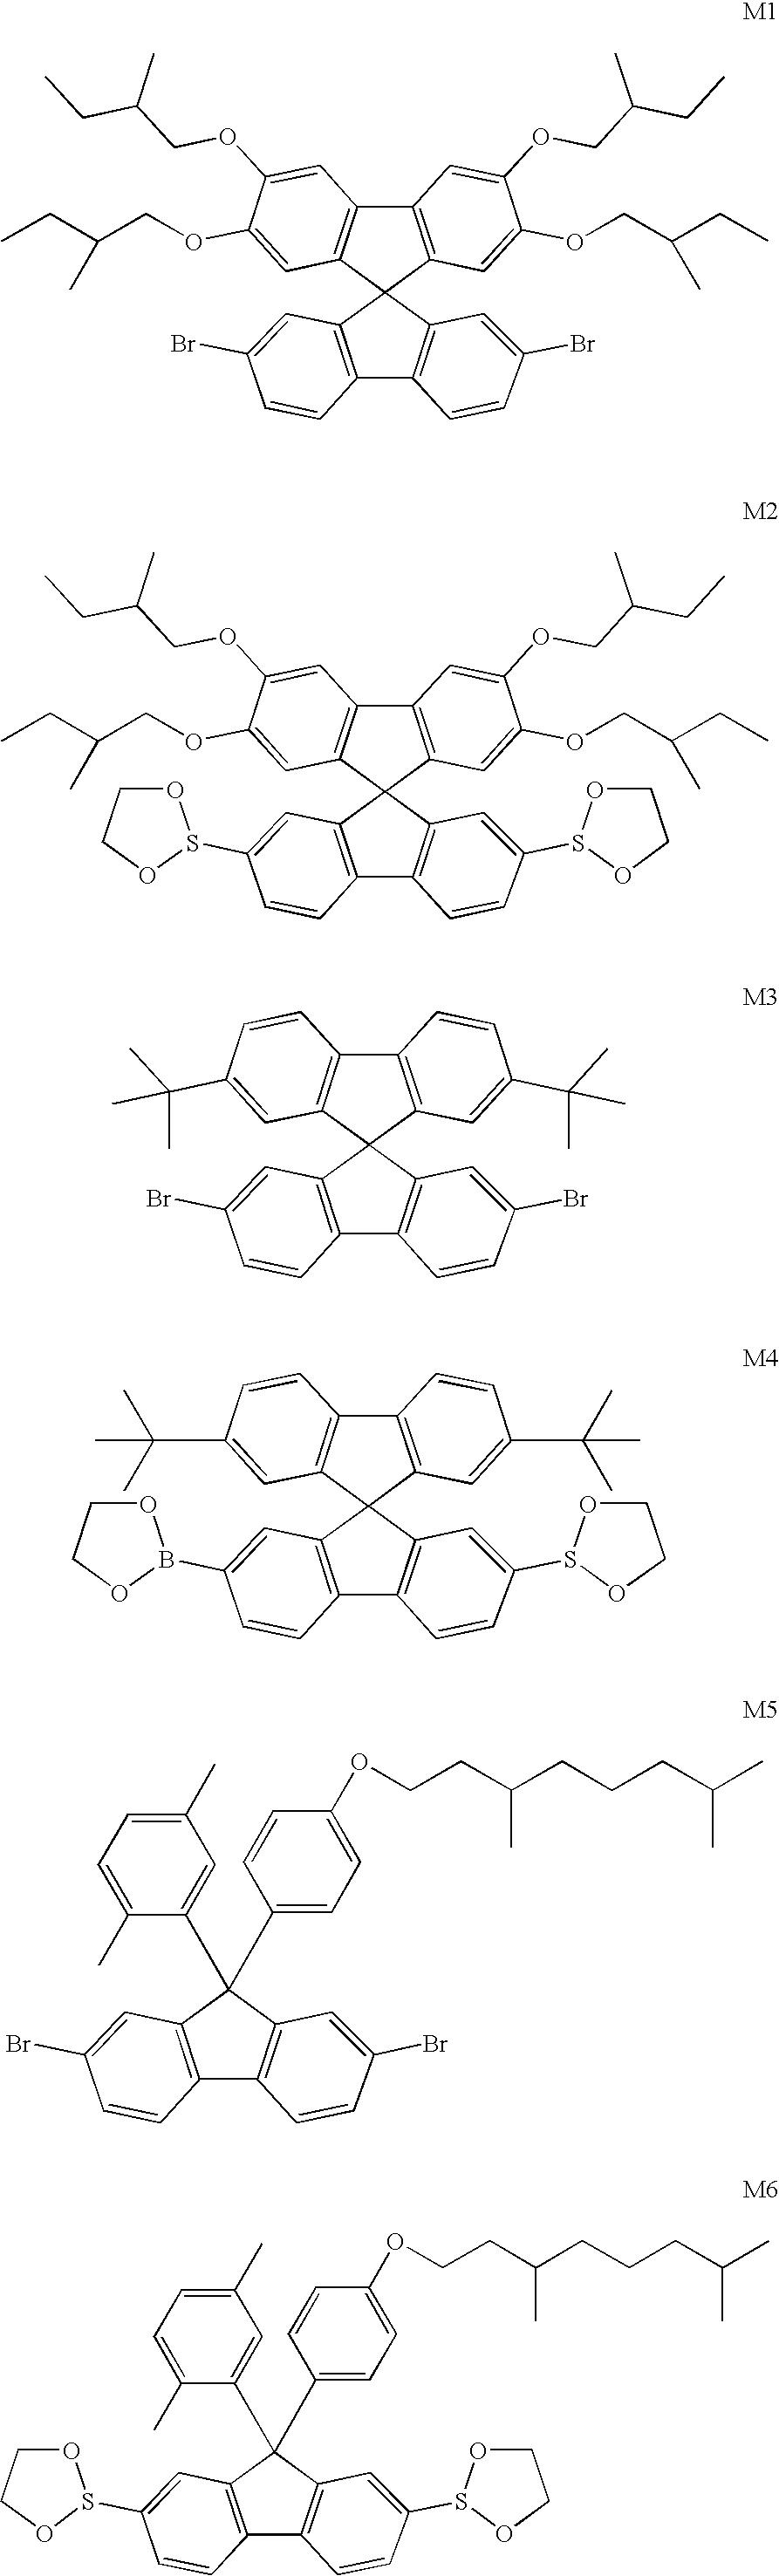 Figure US20060149022A1-20060706-C00018